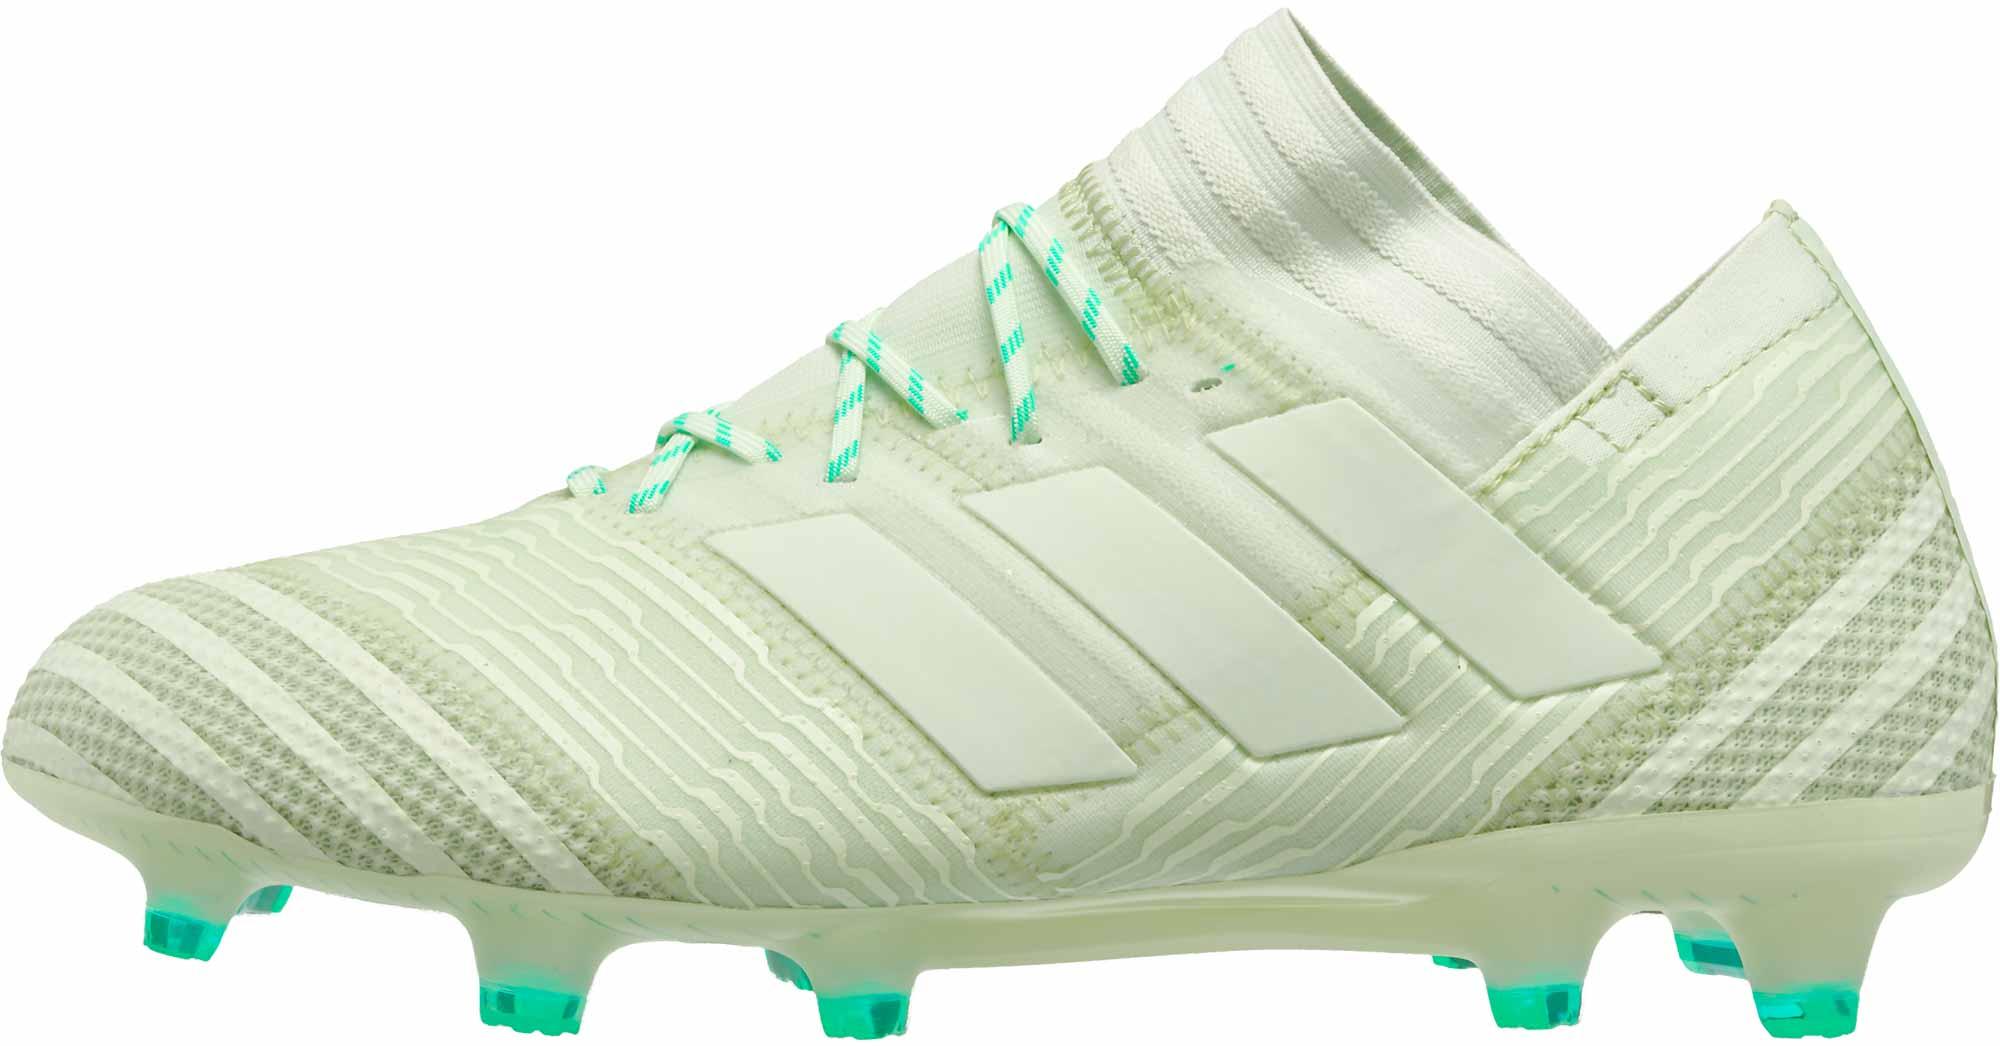 26a914886aa4 adidas Nemeziz 17.1 FG - Aero Green & Hi-Res Green - Soccer Master